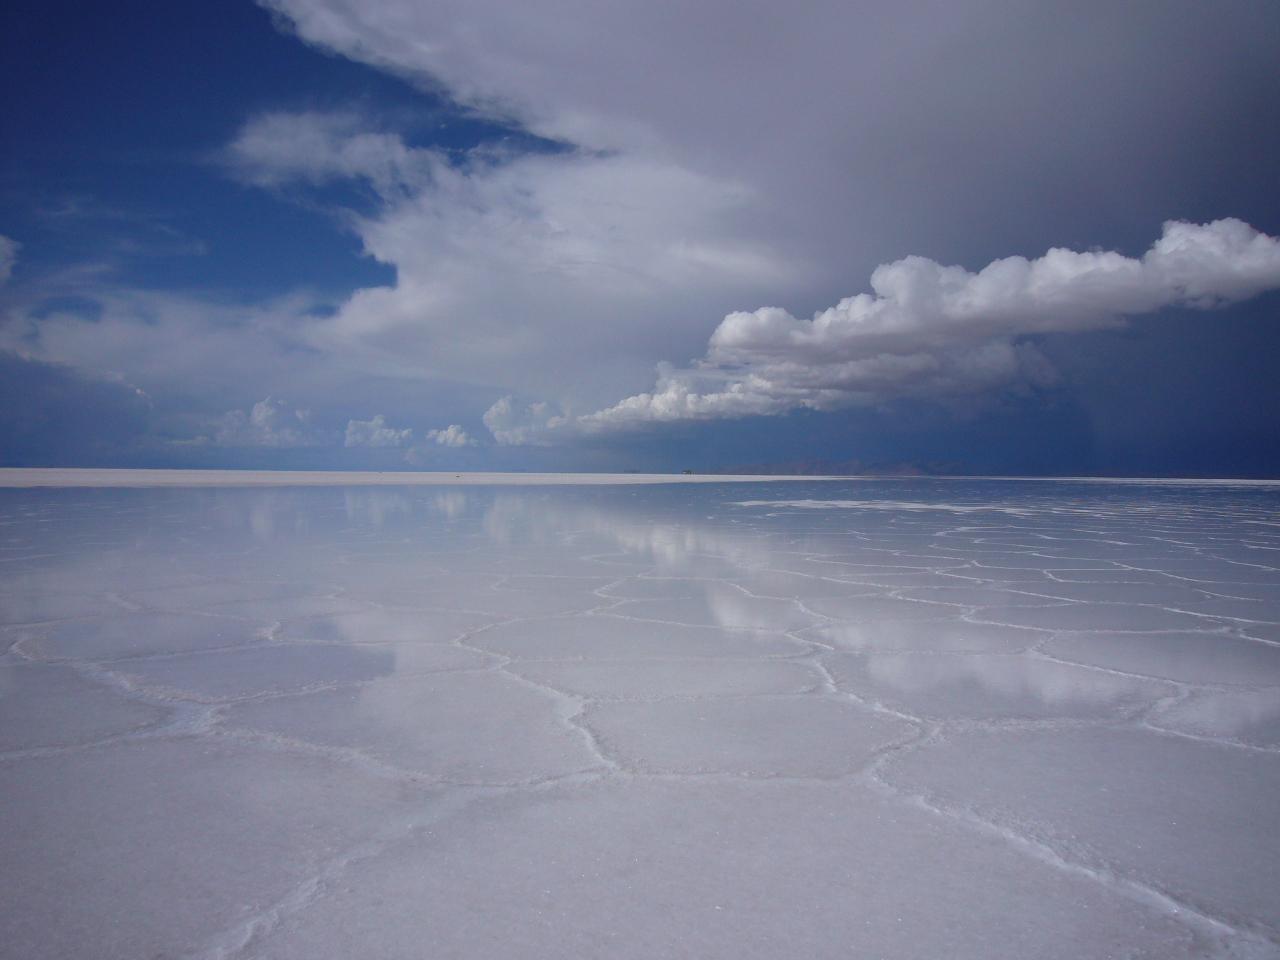 눈 감고 걸어보기 - 볼리비아 우유니 사막